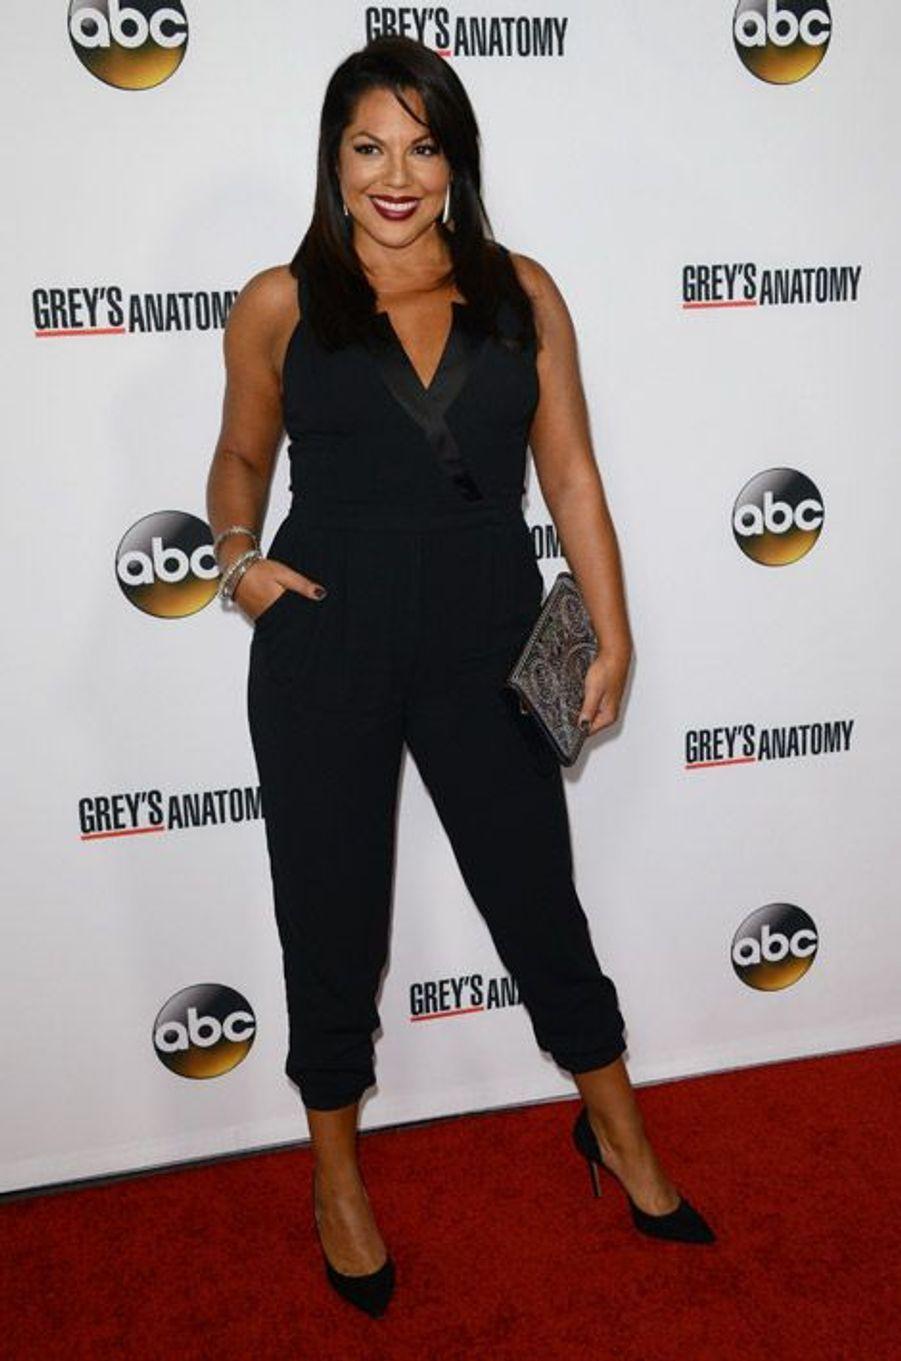 """L'actrice de """"Grey's Anatomy"""", Sara Ramirez, en Warehouse pour fêter le 200e épisode de la série, le 28 septembre 2013"""